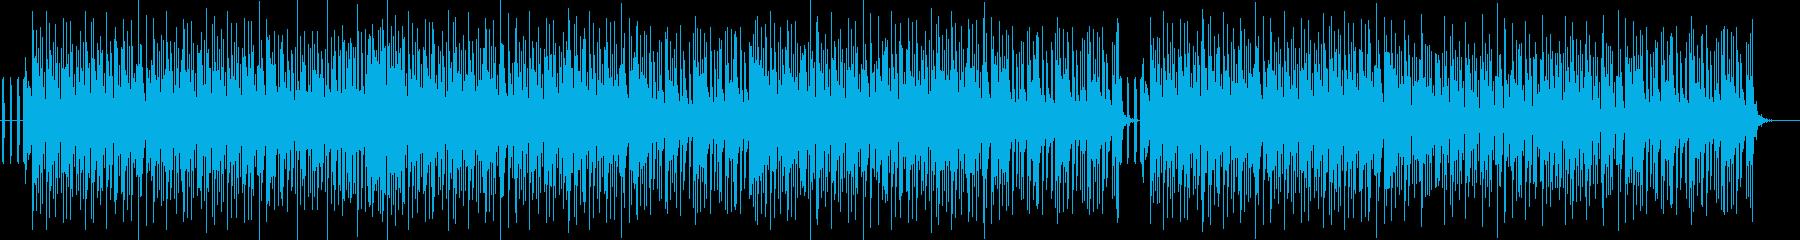 明るい感じのヒップホップ系の曲の再生済みの波形